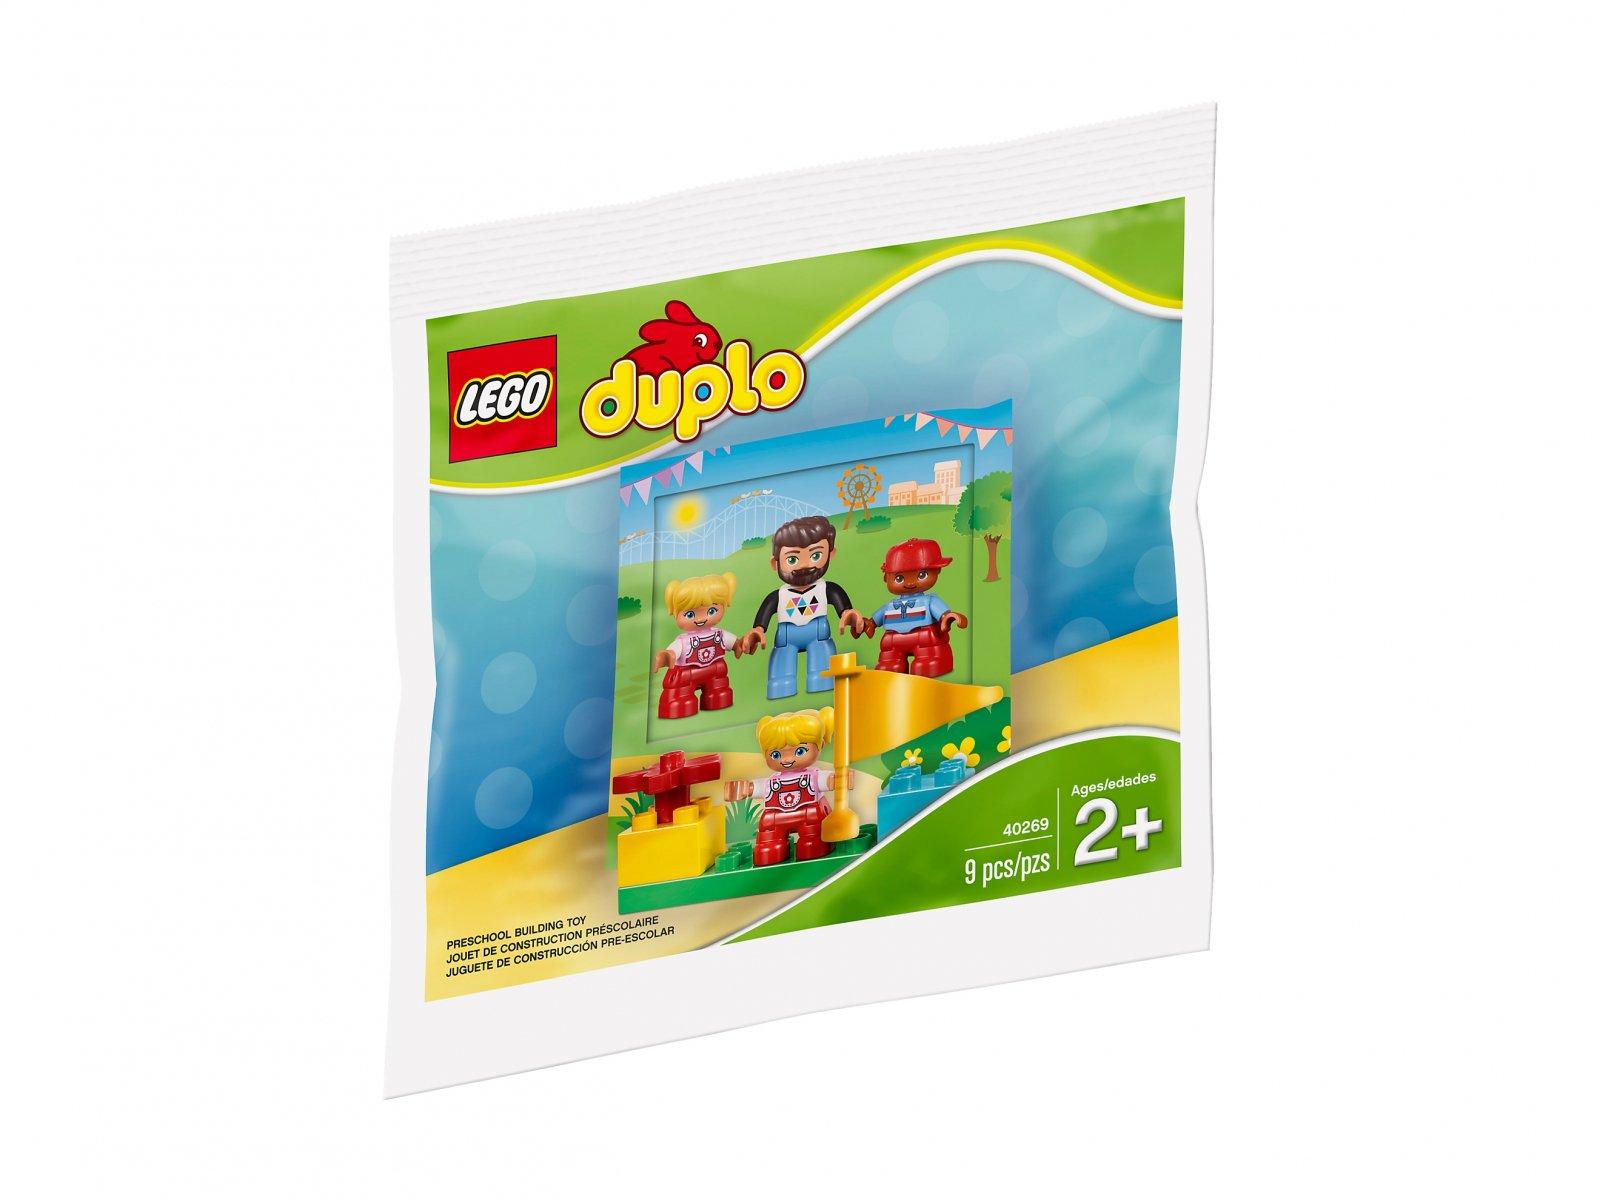 LEGO 40269 Photo frame